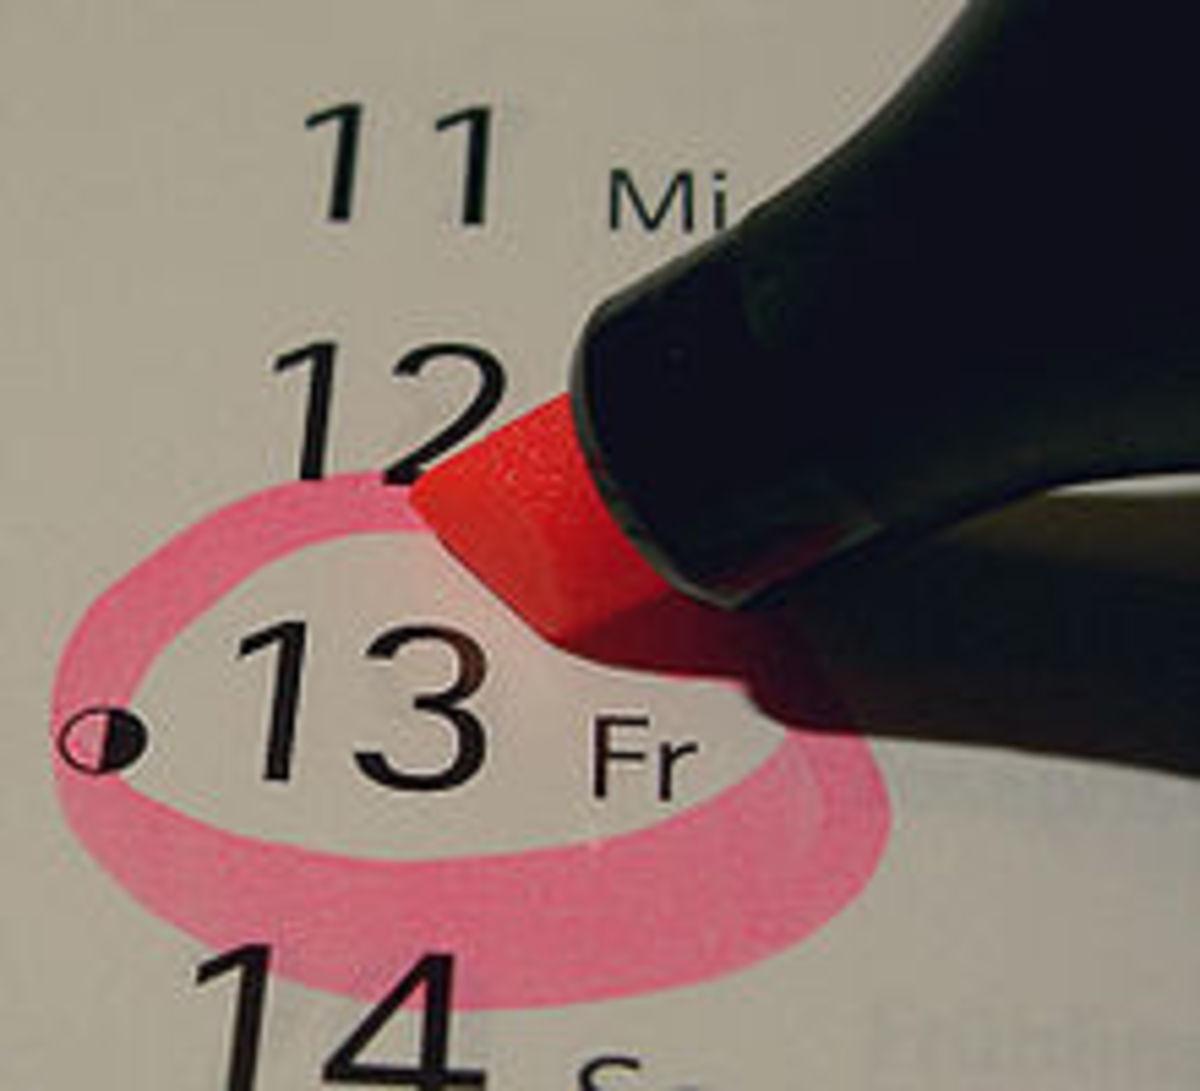 Friday the 13th with Bhagawan Sri Sathya Sai Baba - Anugraha vs Navagraha